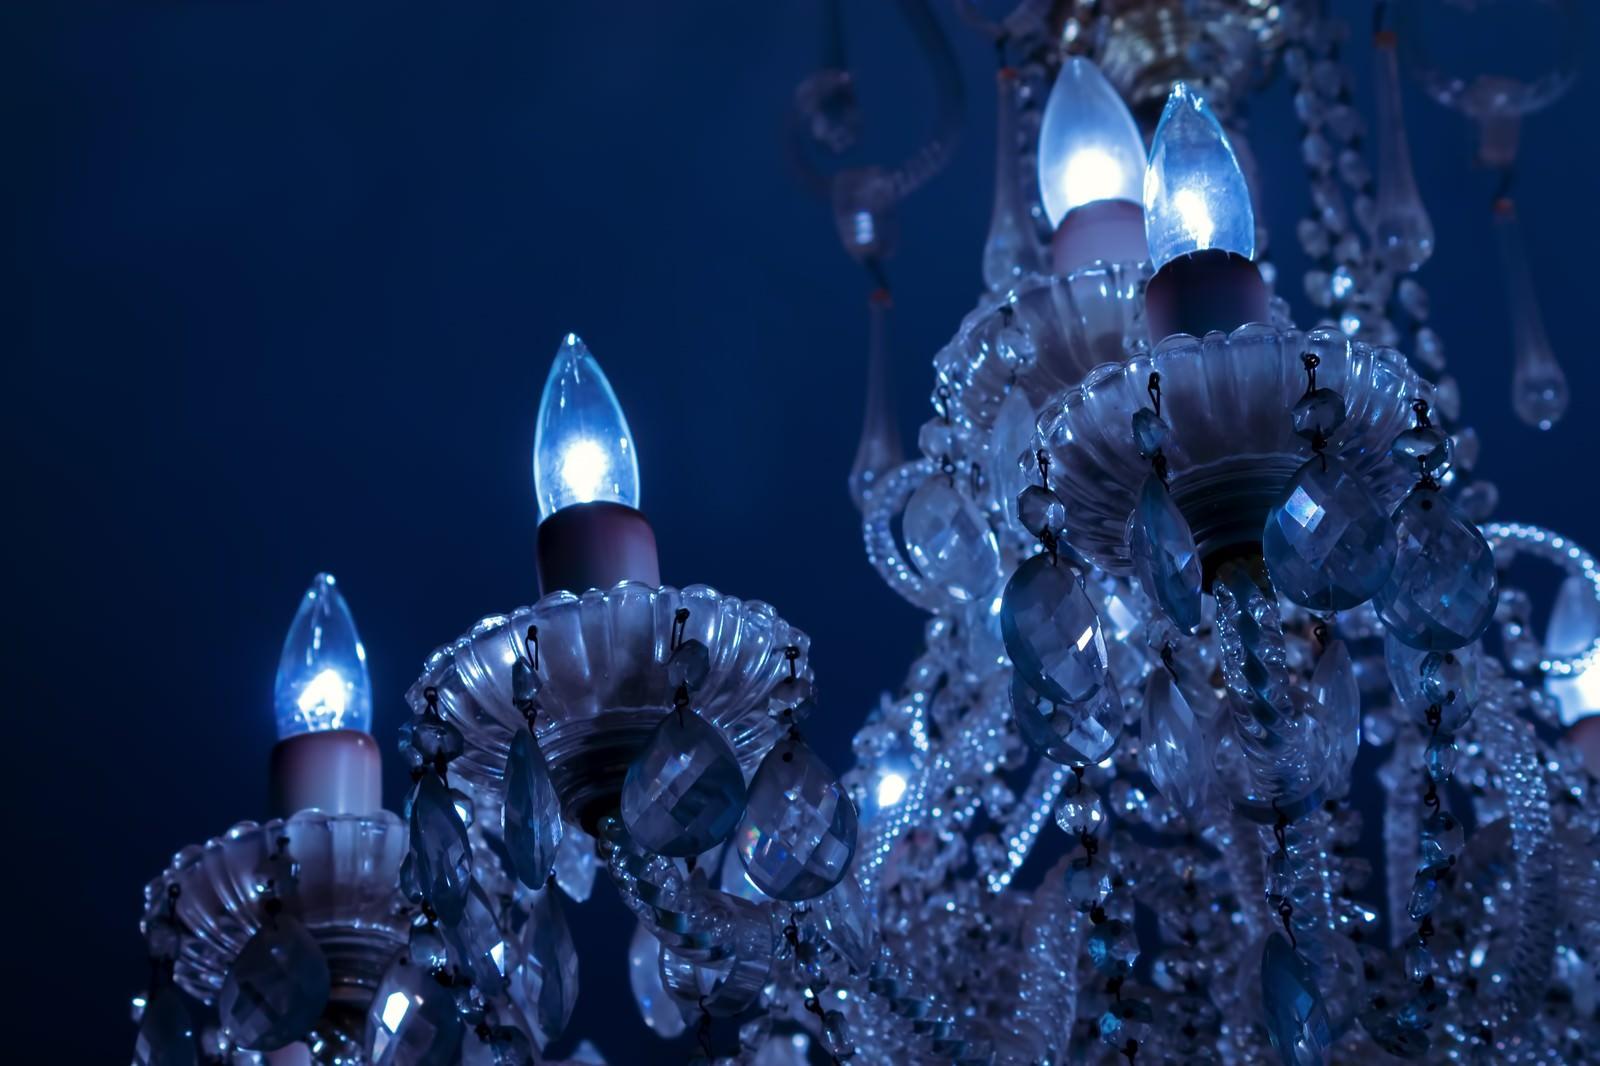 「クリスタルのシャンデリア」の写真